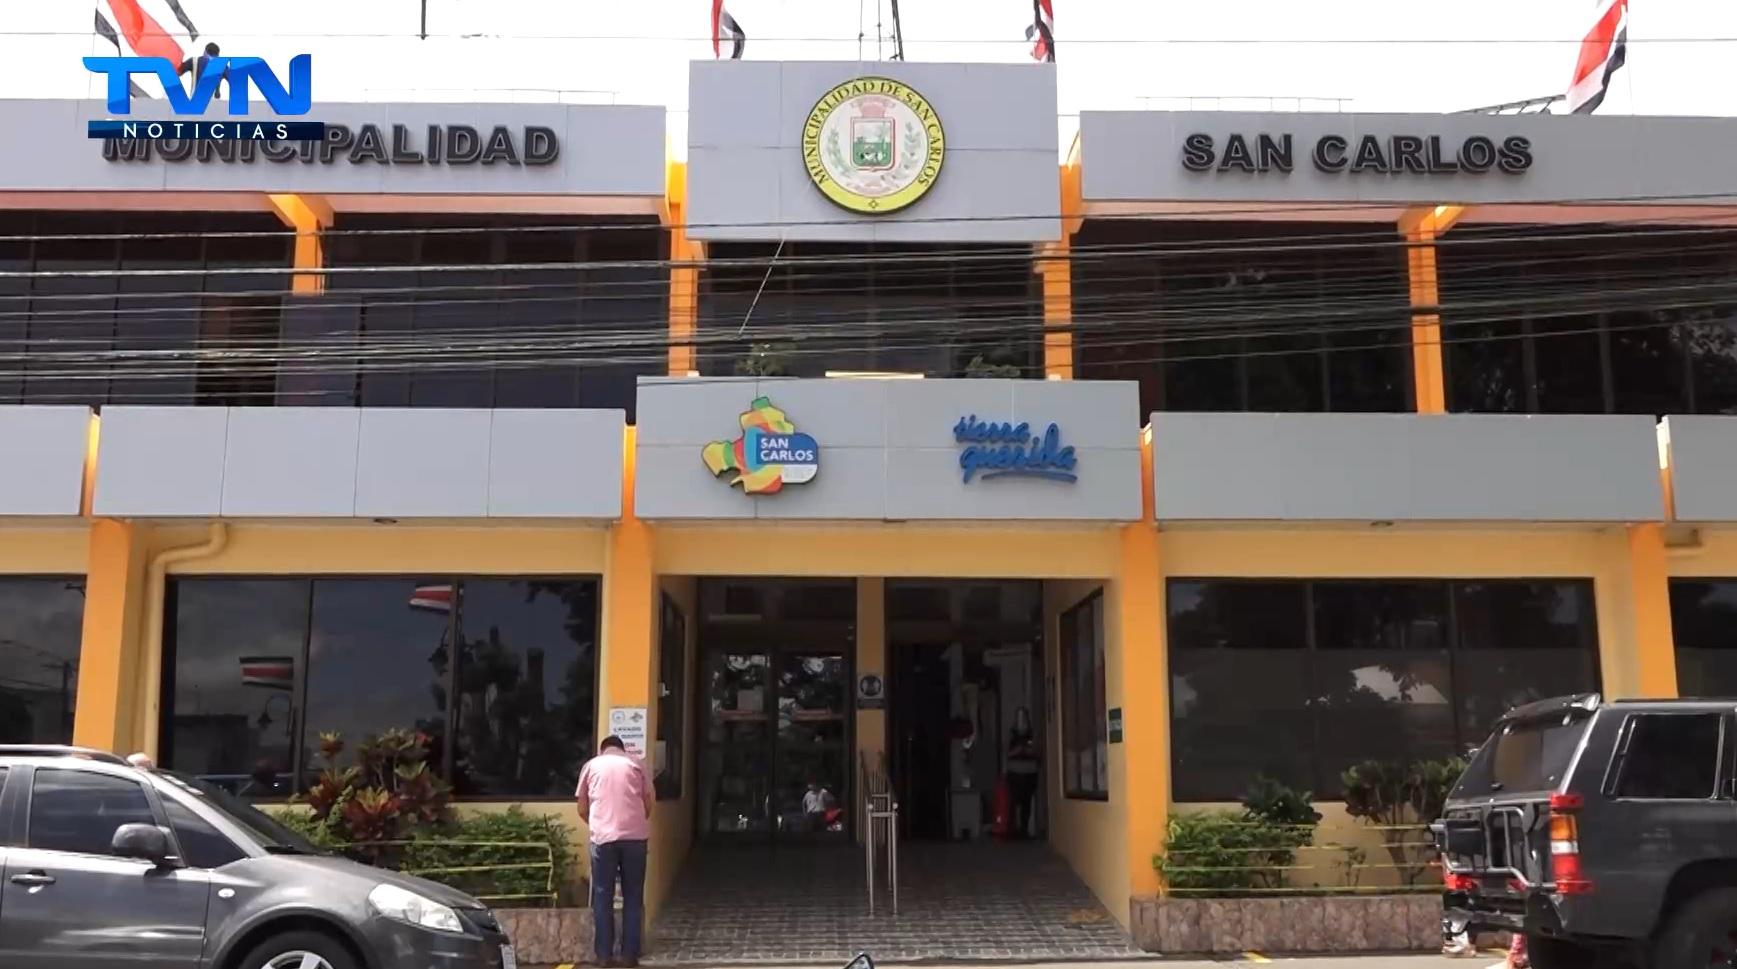 Regidores sancarleños contratarán auditor externo para investigar adjudicaciones otorgadas a MECO y Herrera